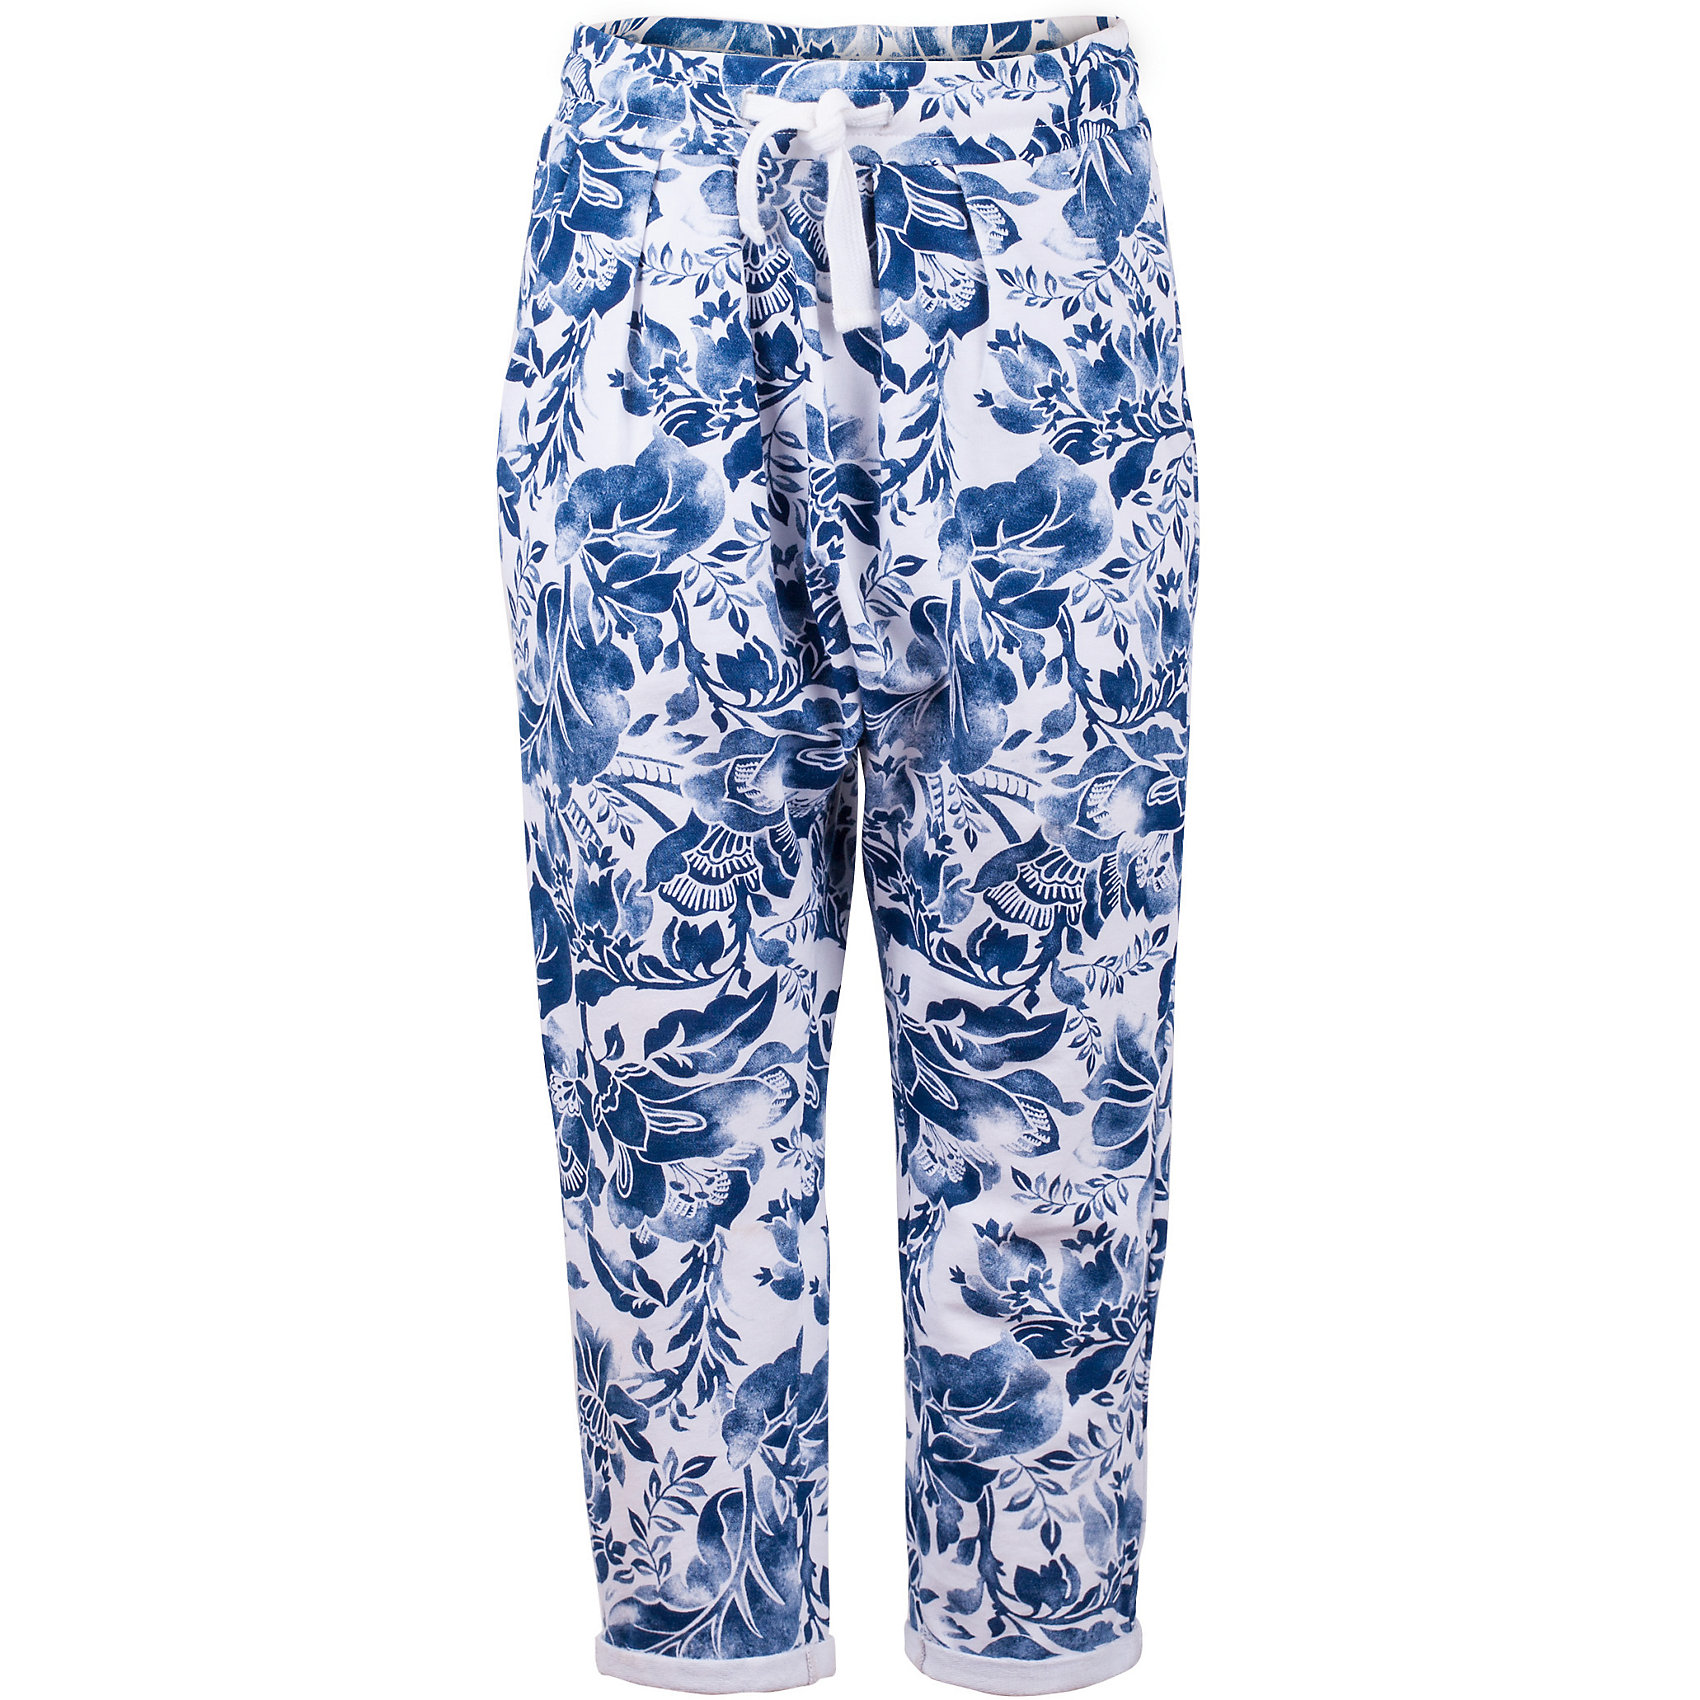 Брюки для девочки GulliverБрюки<br>Что может быть лучше трикотажных брюк? Только трикотажные брюки из яркого орнаментального футера! Оригинальный крой с заниженной линией слонки, свободная форма, пояс на резинке с утяжкой из мягкого шнура делают брюки очень удобными и комфортными. Если вы хотите купить стильные детские брюки с рисунком для прогулок, отдыха и домашнего времяпрепровождения, эта модель - отличный выбор!<br>Состав:<br>95% хлопок      5% эластан<br><br>Ширина мм: 215<br>Глубина мм: 88<br>Высота мм: 191<br>Вес г: 336<br>Цвет: белый<br>Возраст от месяцев: 108<br>Возраст до месяцев: 120<br>Пол: Женский<br>Возраст: Детский<br>Размер: 140,122,128,134<br>SKU: 5484031